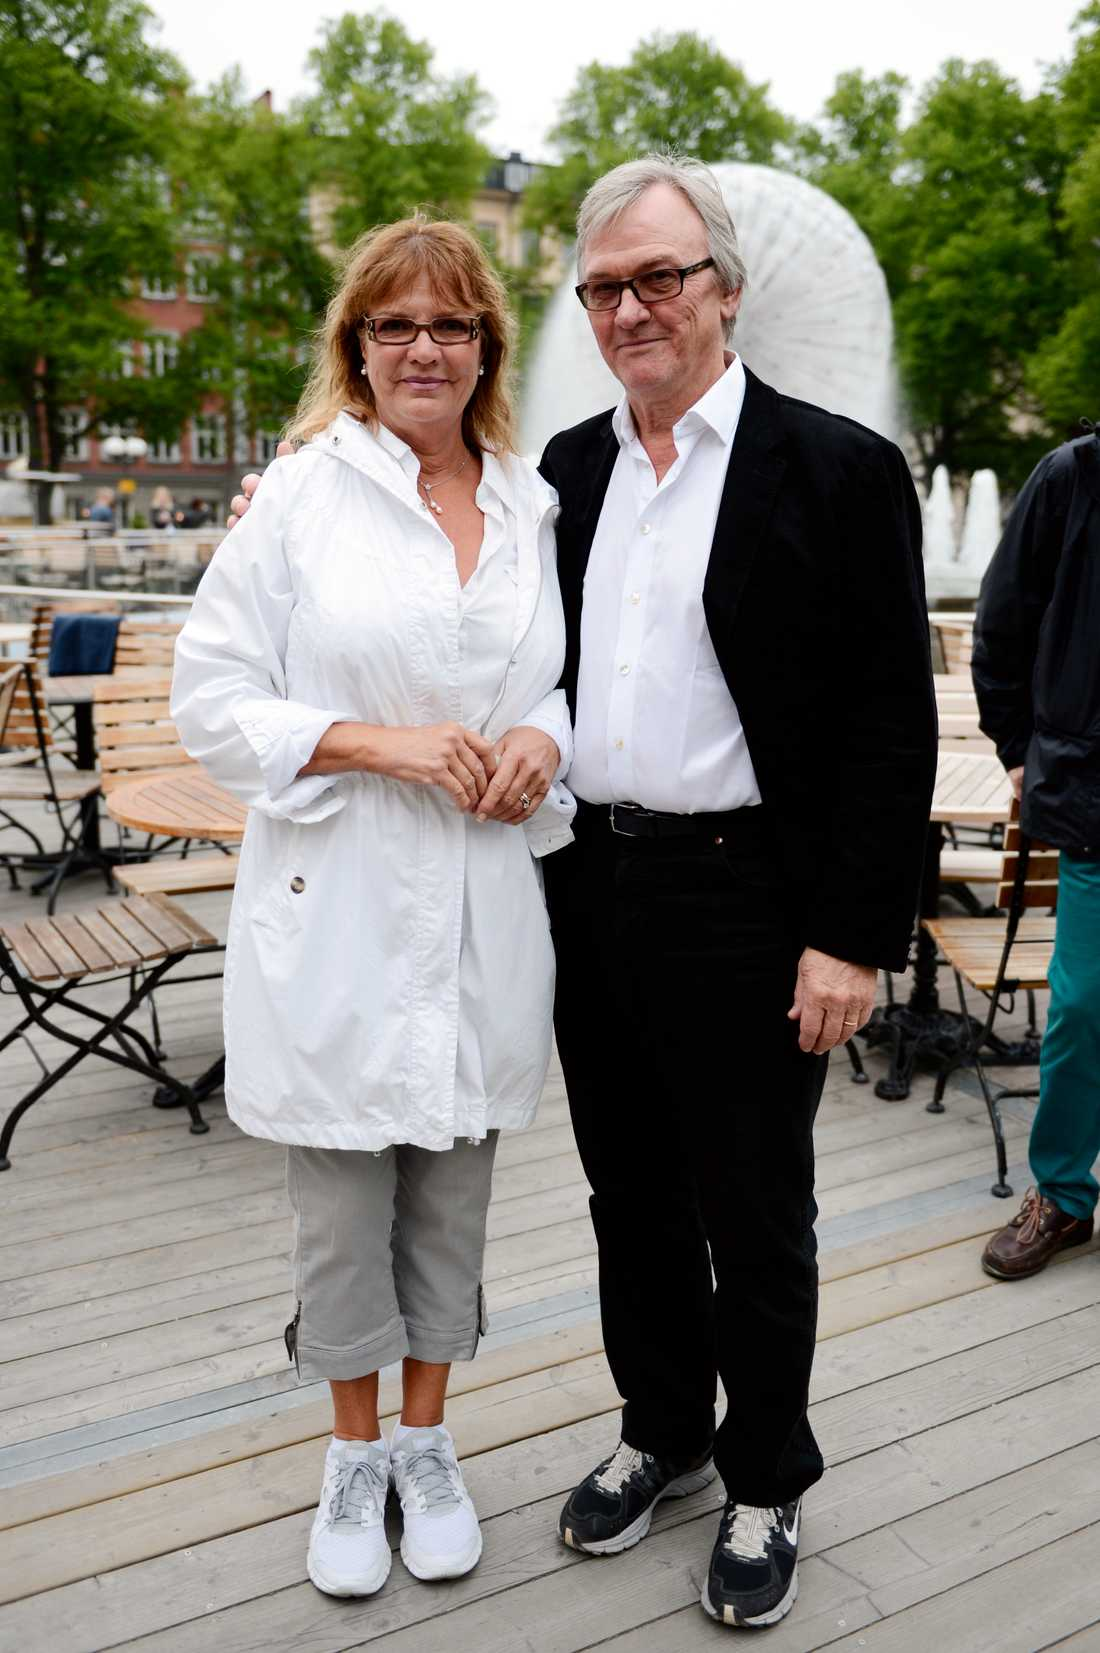 Anki Lidén och Klas Bergling.